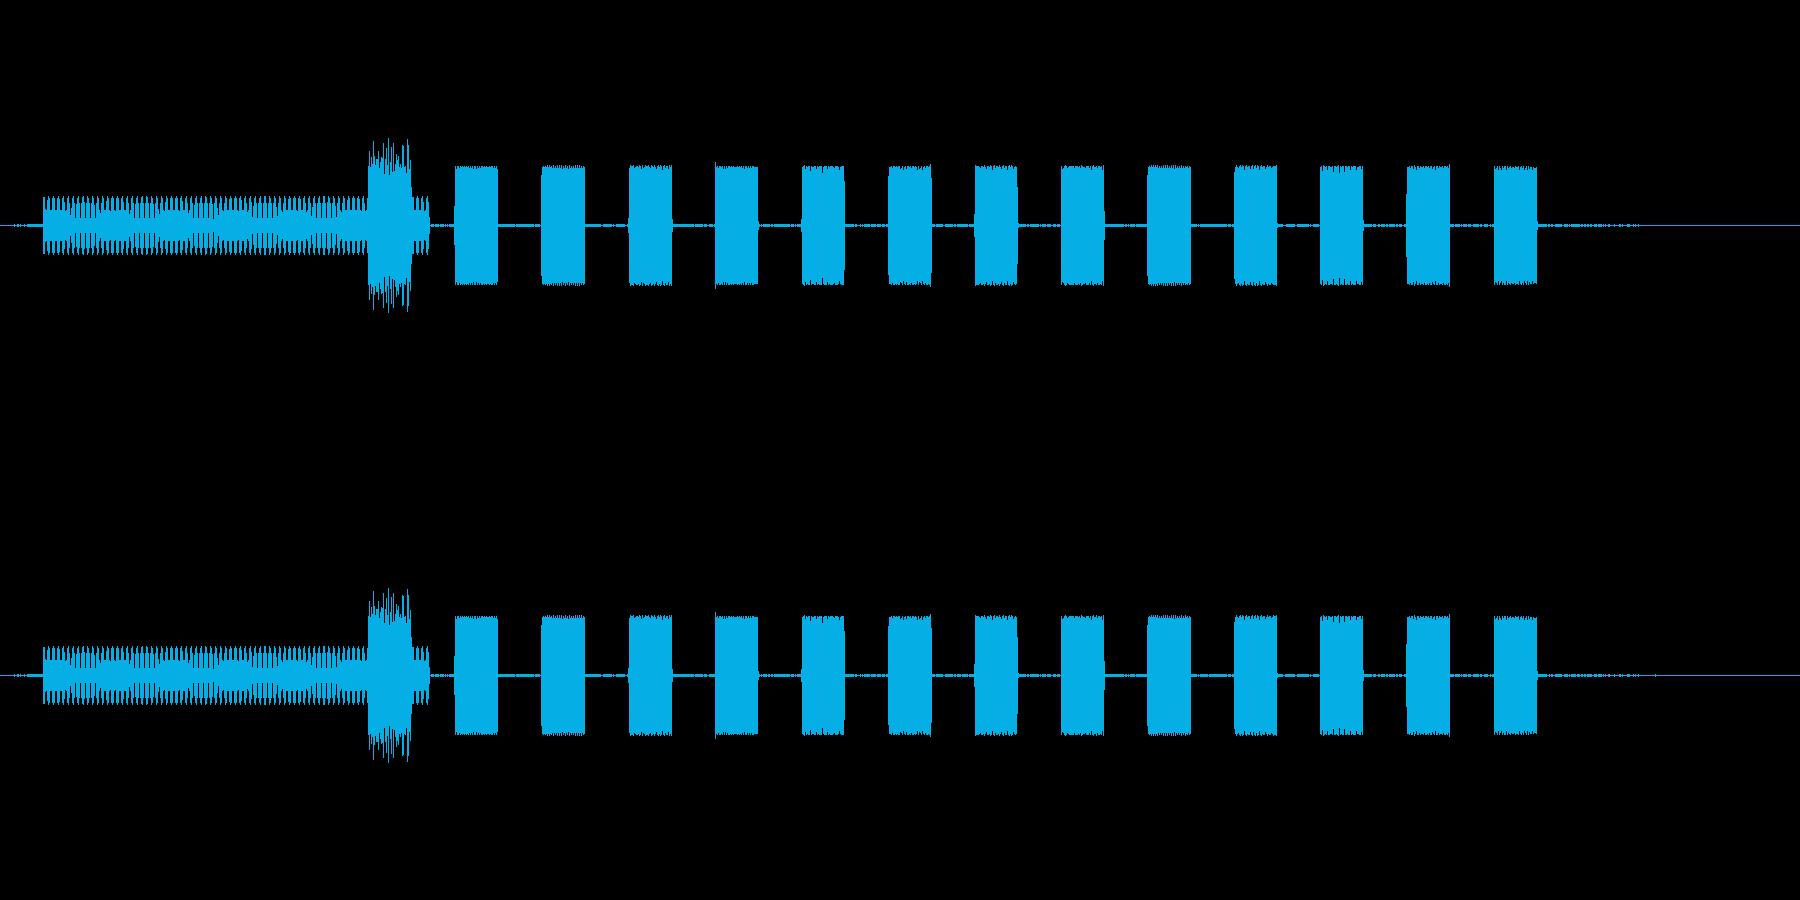 56kダイヤルアップモデムダイヤルの再生済みの波形